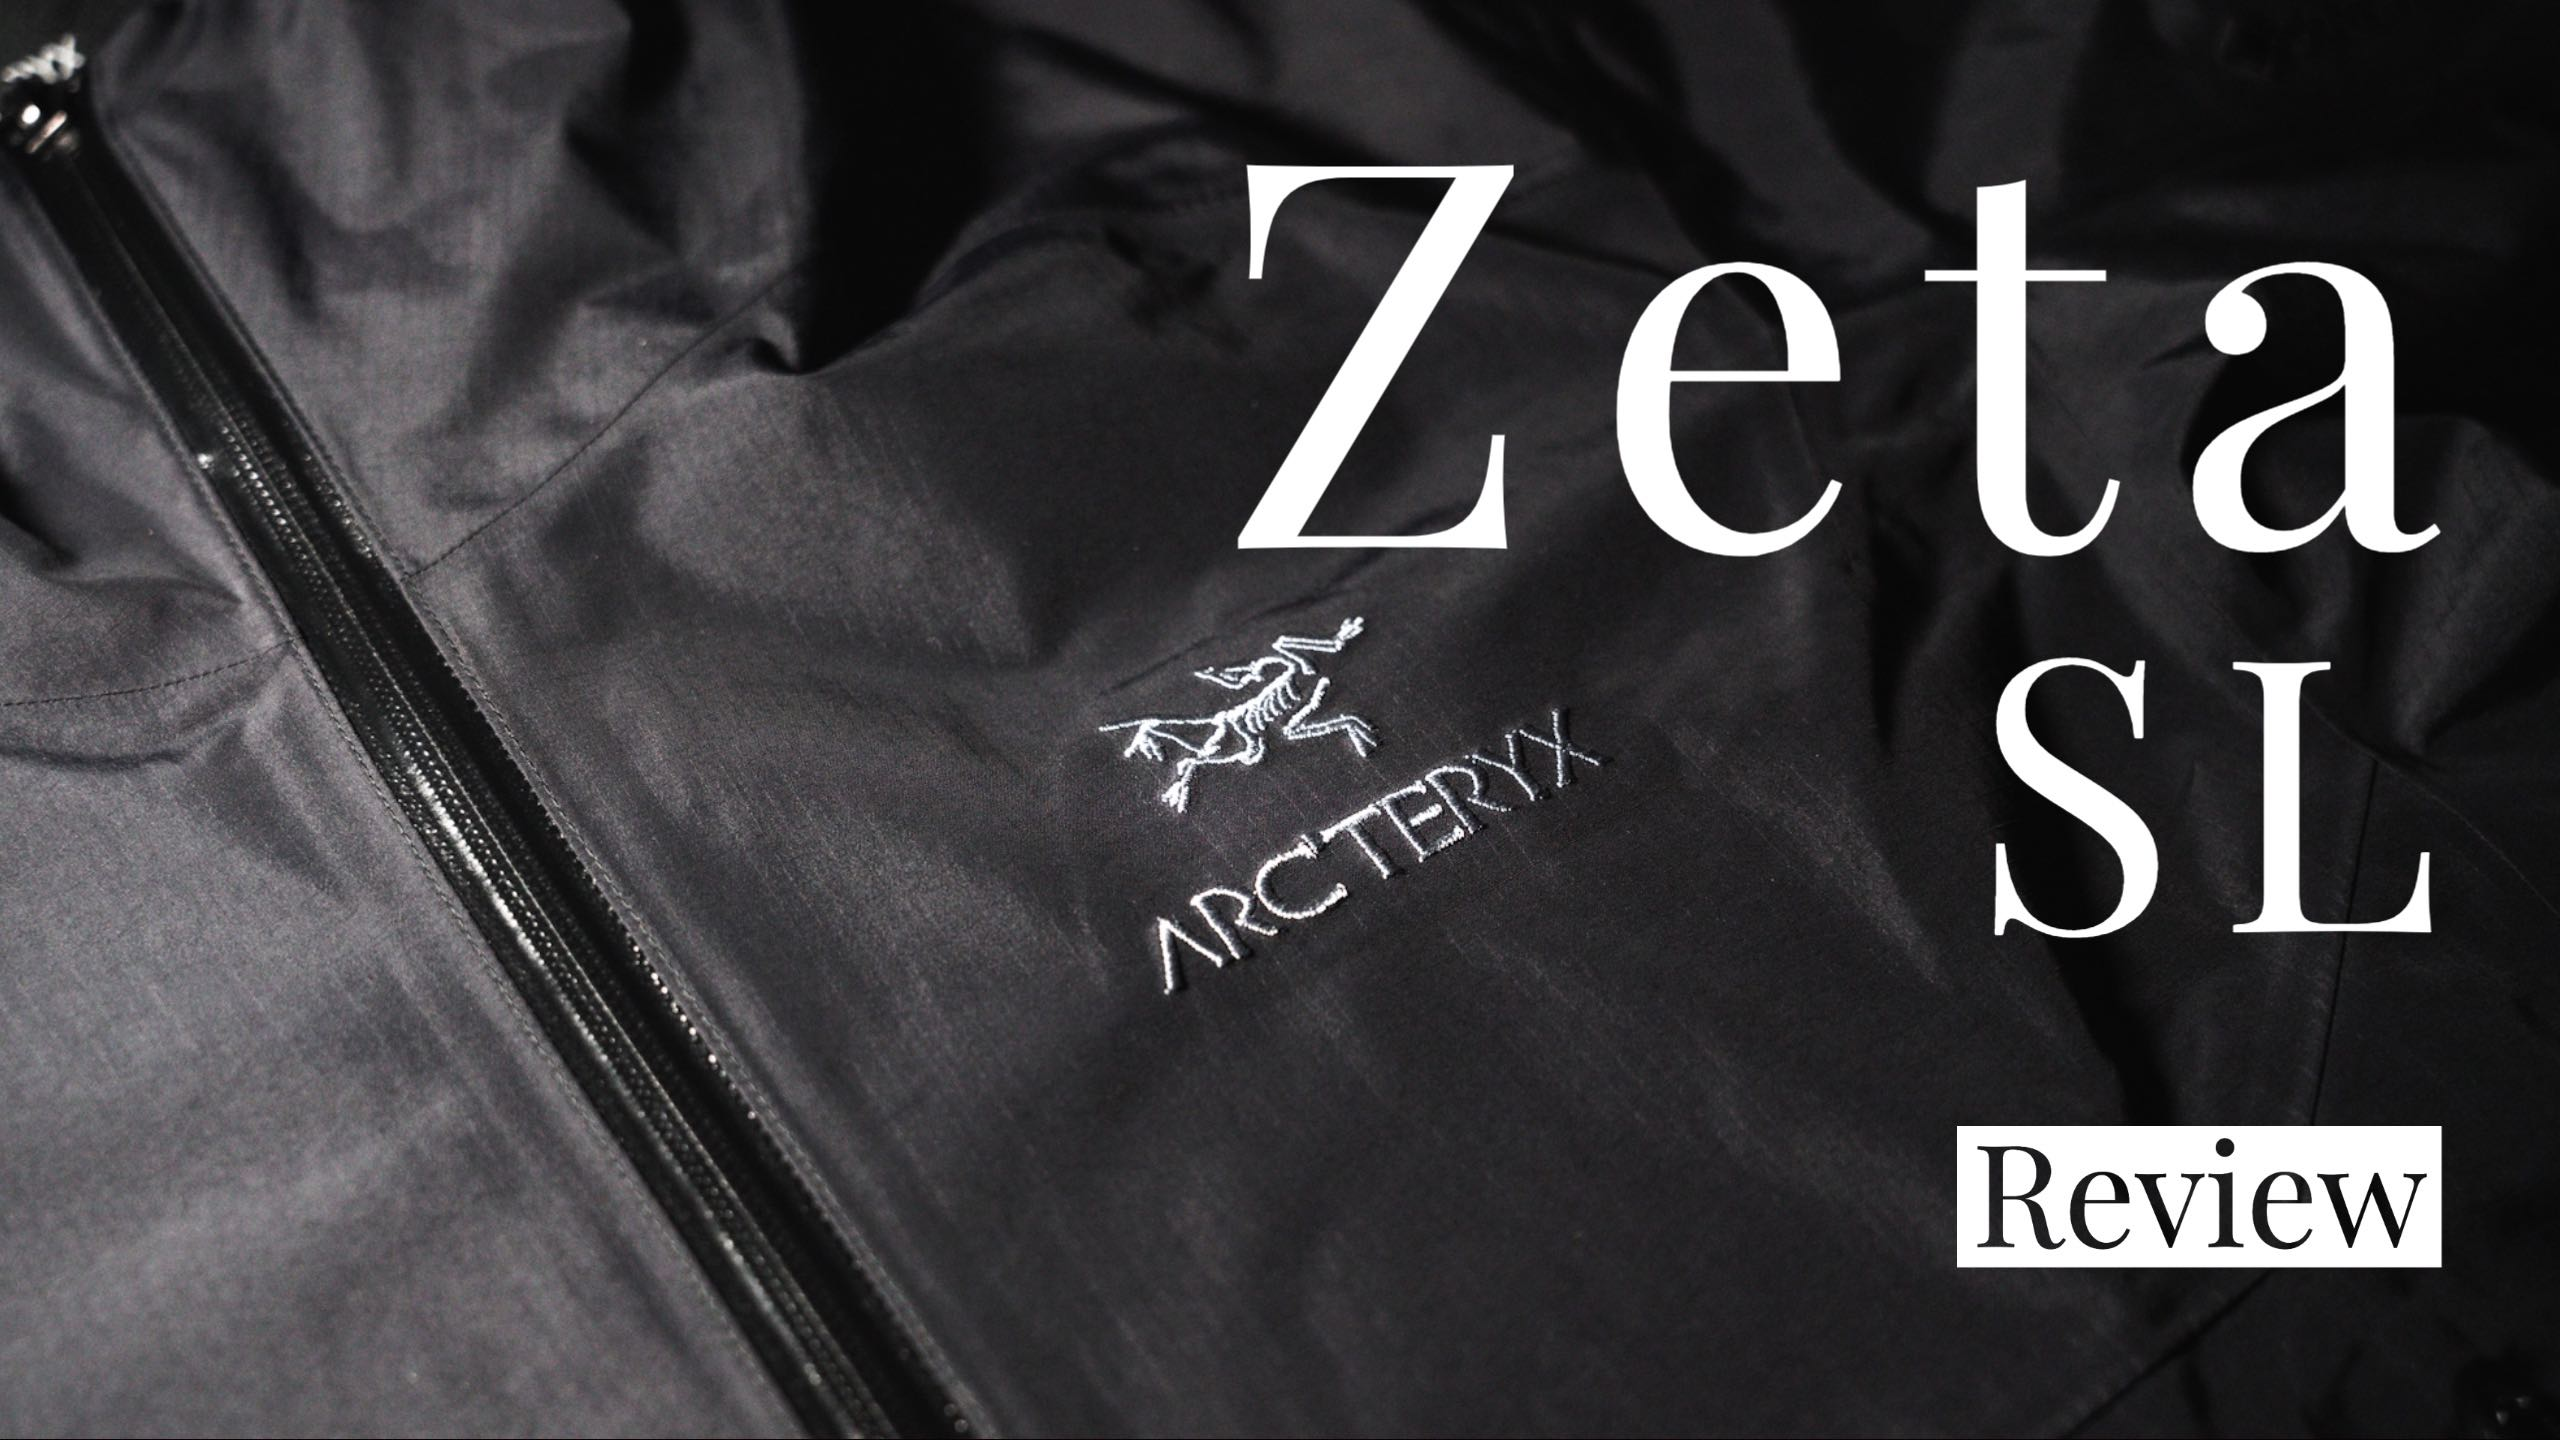 【レビュー】ARC'TERYX(アークテリクス) Zeta SL【1着欲しい万能シェルジャケット】